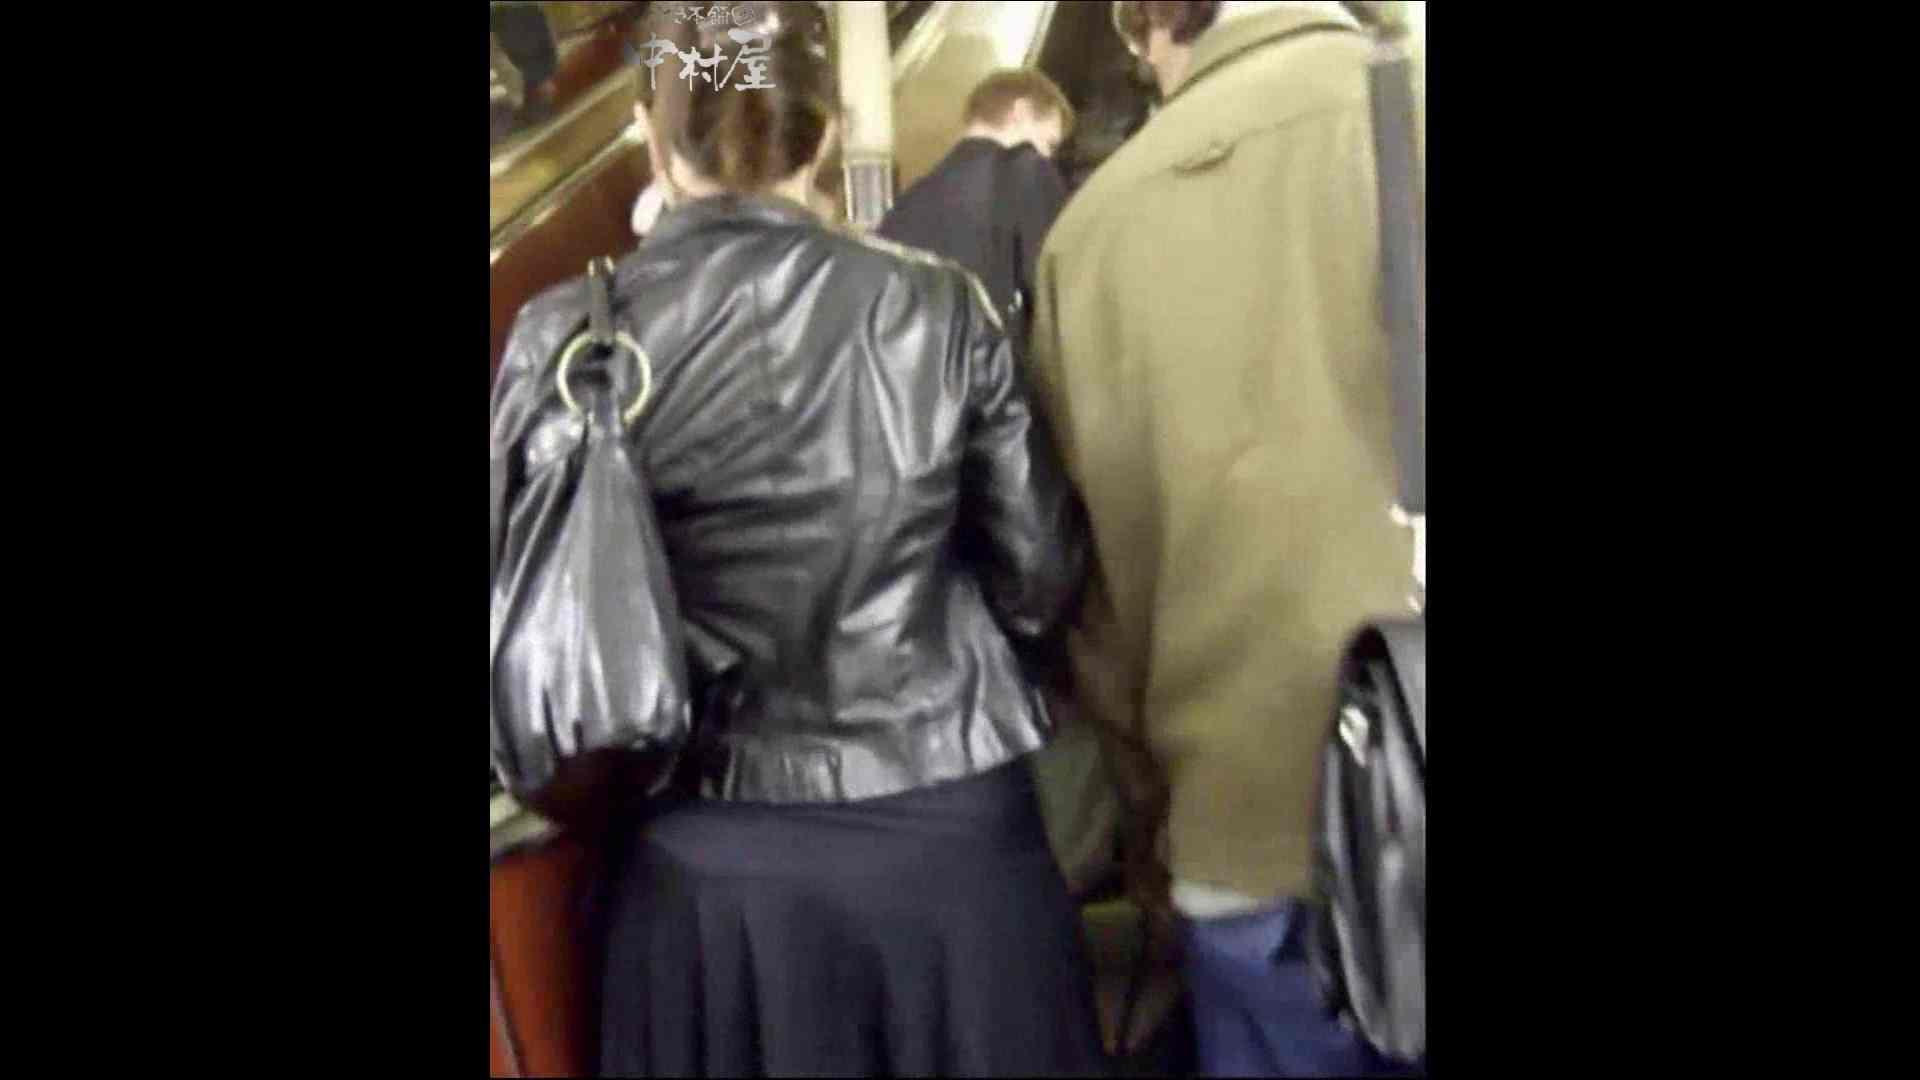 綺麗なモデルさんのスカート捲っちゃおう‼ vol17 お姉さんのエロ動画  94PIX 16